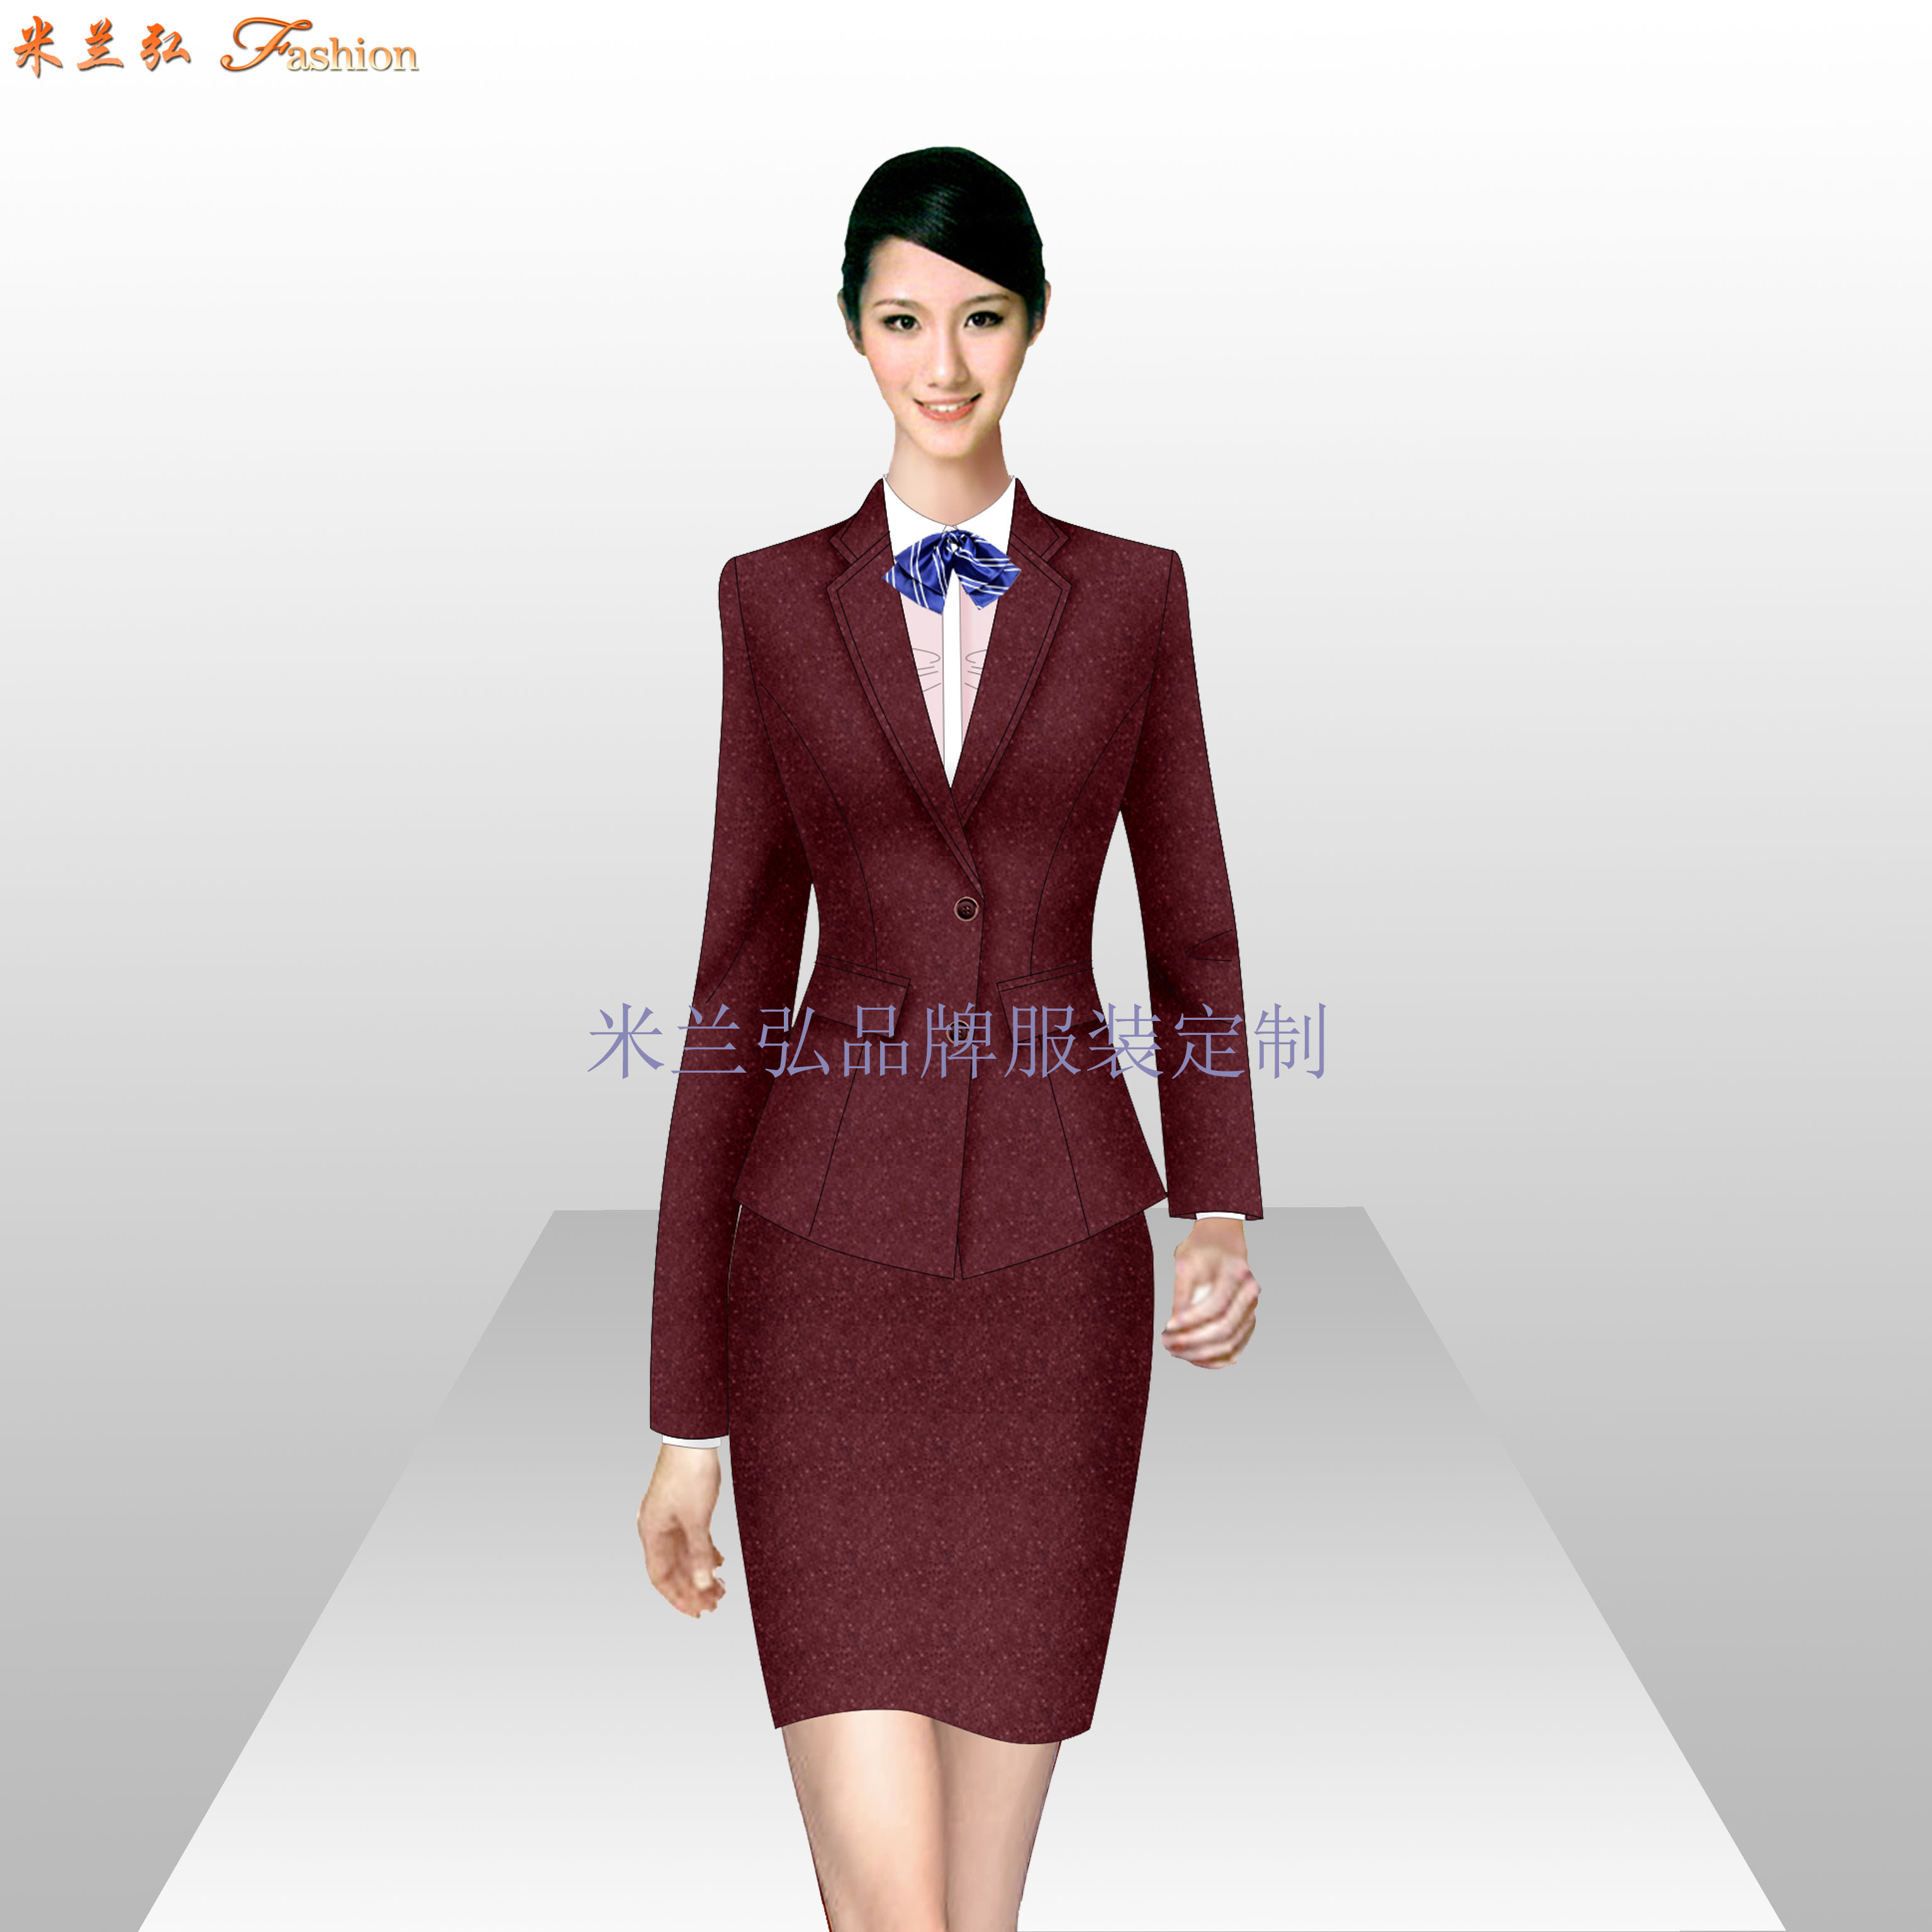 太原正装定制,太原女士职业装订做-蓝冠注册厂家-5